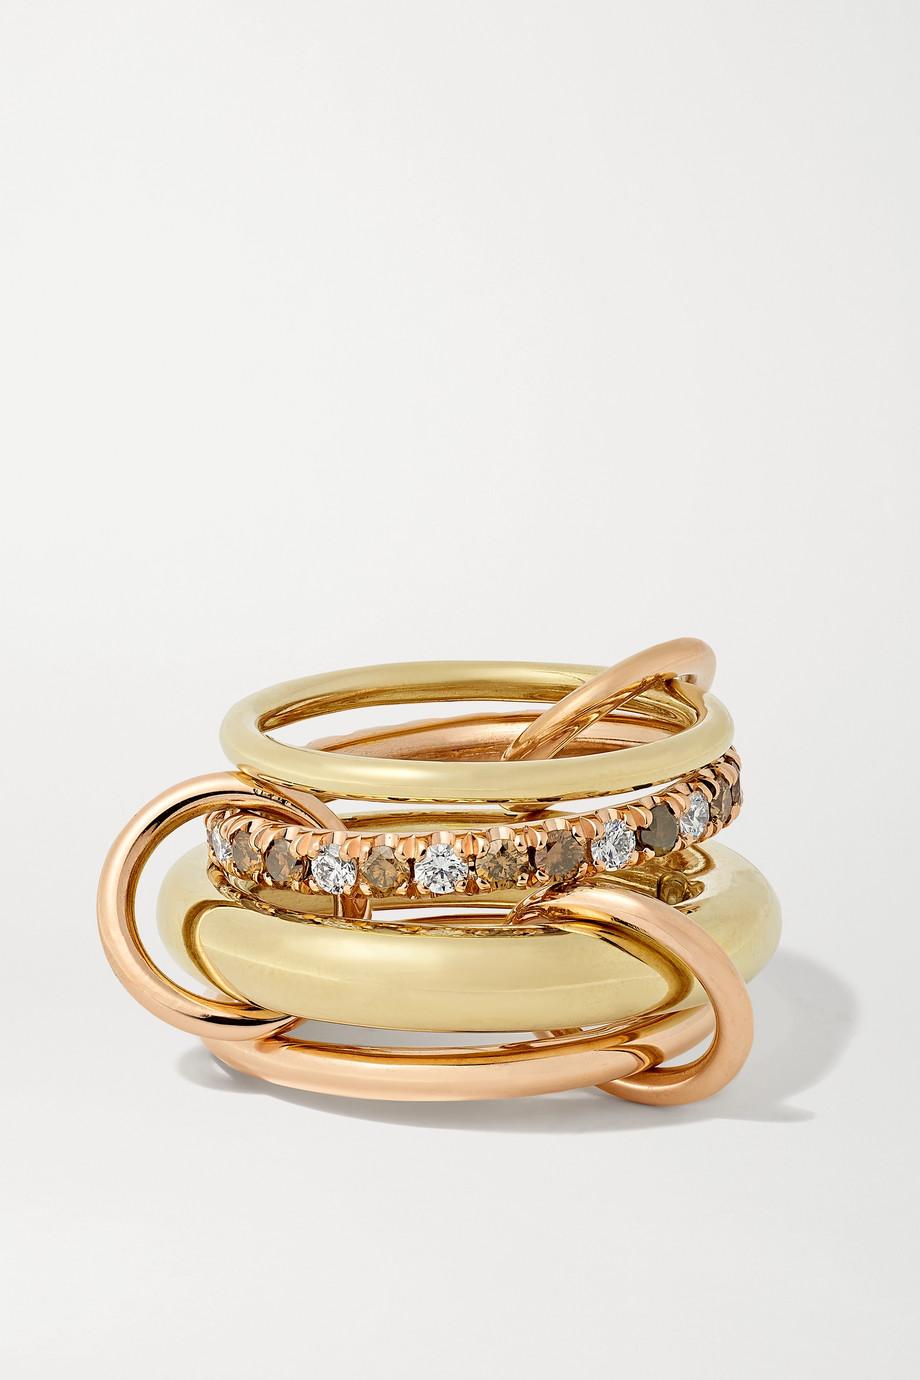 Spinelli Kilcollin Luna Set aus vier Ringen aus 18 Karat Gelb- und Roségold mit Diamanten